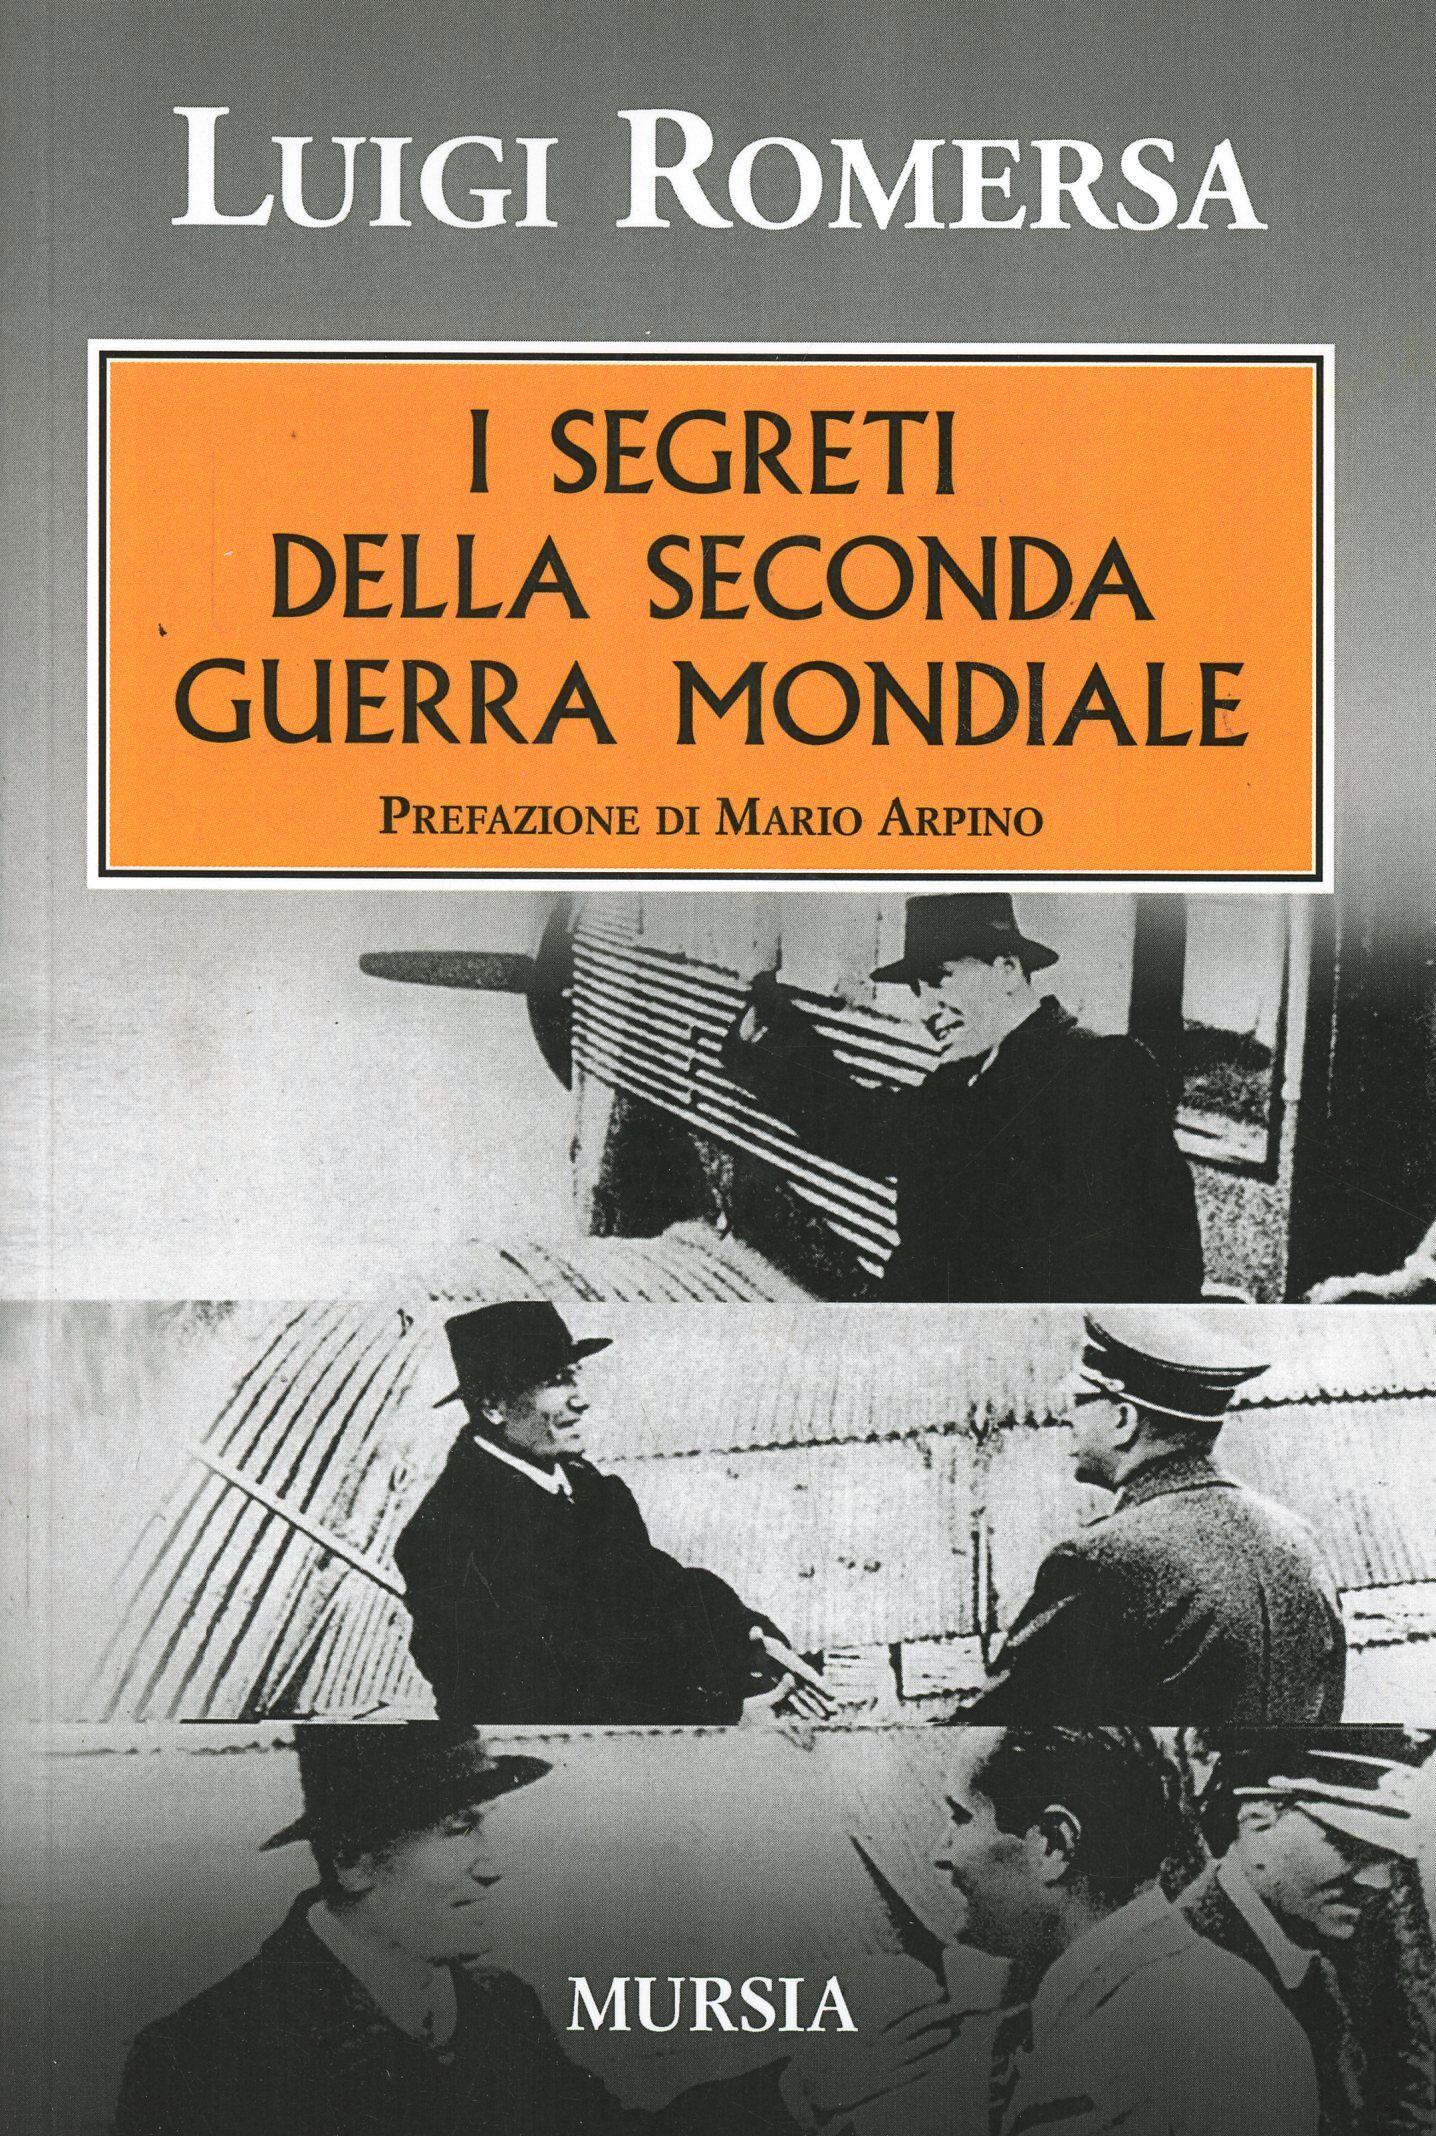 I segreti della seconda guerra mondiale